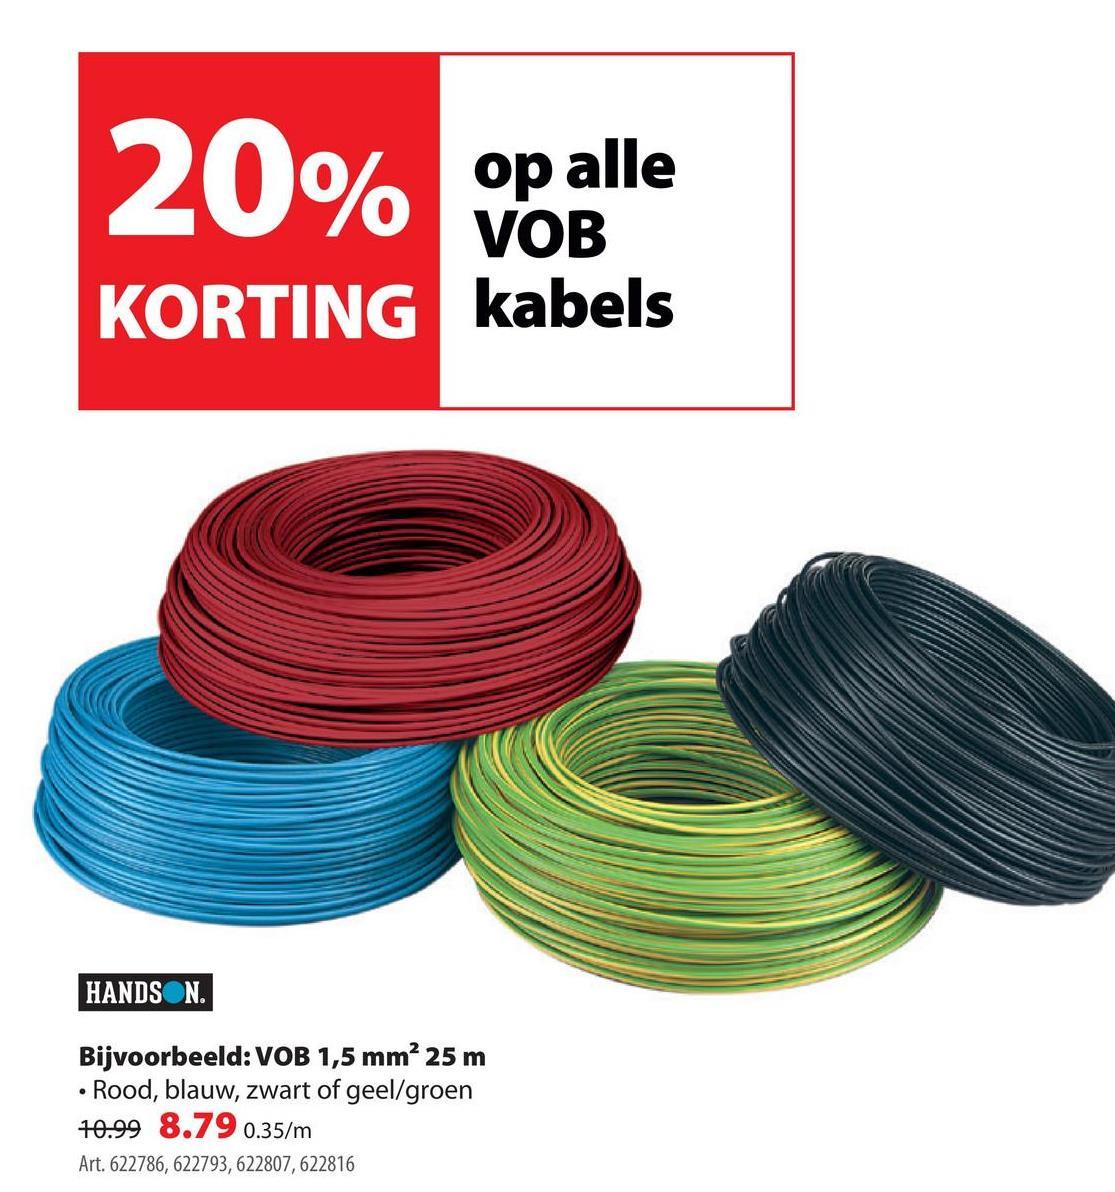 20% NOBIS KORTING kabels HANDSON Bijvoorbeeld: VOB 1,5 mm² 25 m • Rood, blauw, zwart of geel/groen 10.99 8.79 0.35/m Art. 622786, 622793, 622807, 622816